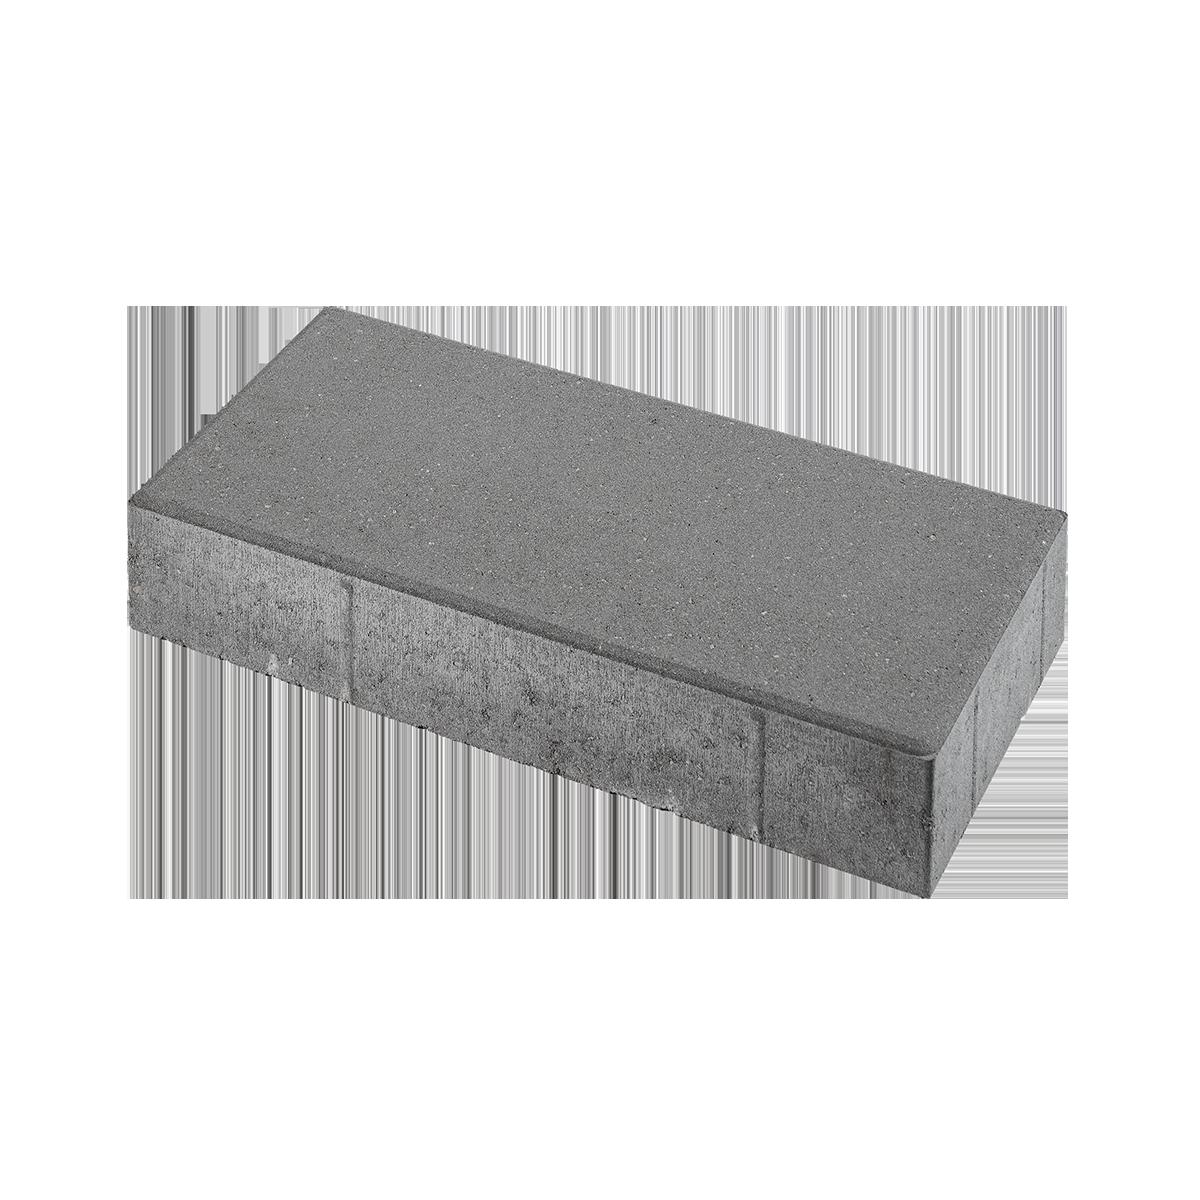 Bordurfliser 30x60x10 cm Grå